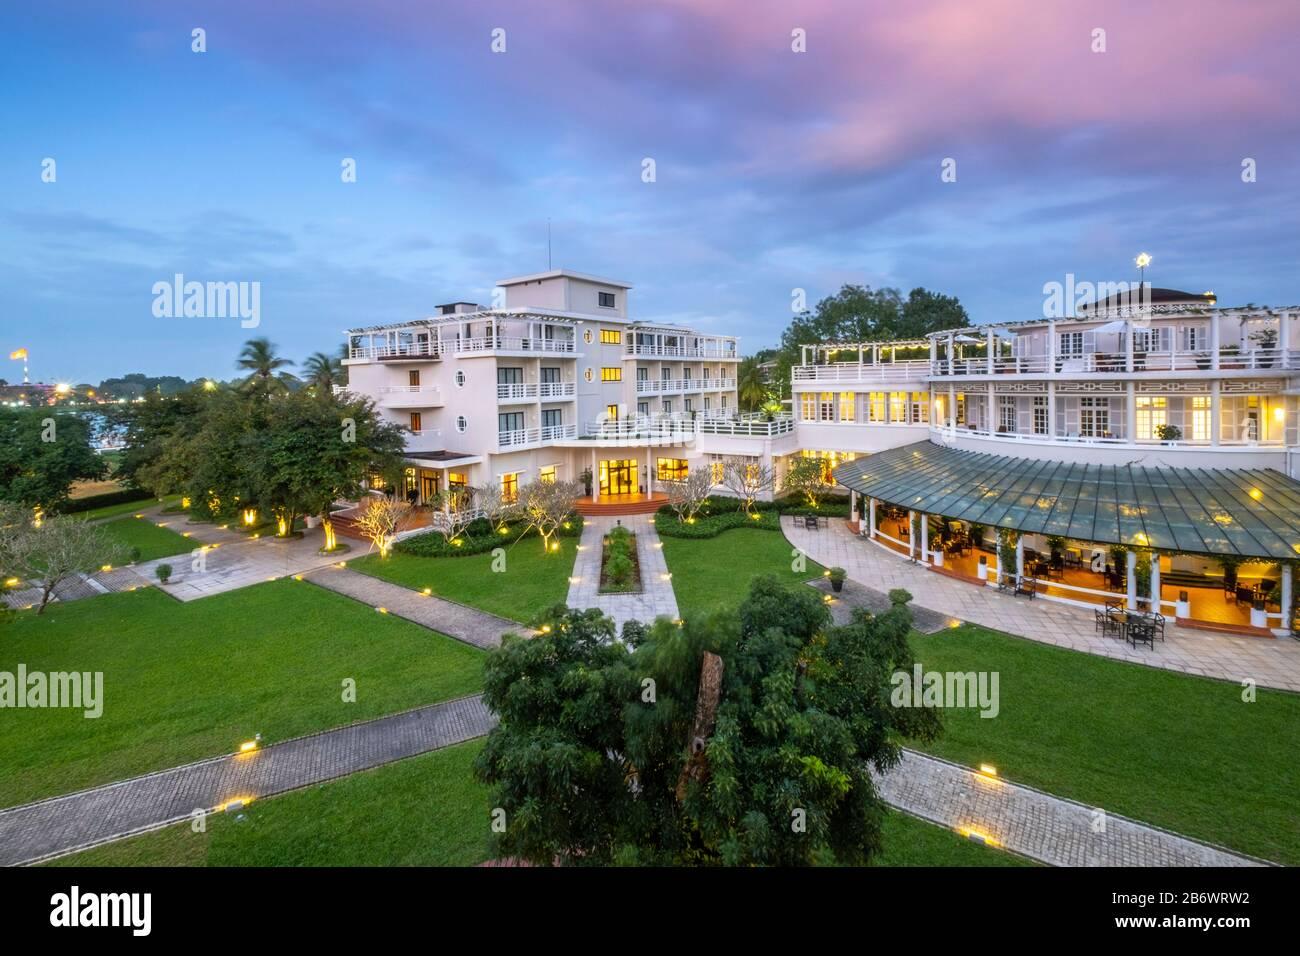 L'Asie du Sud-est, le Vietnam, L'hôtel Azerai la Residence à Hue - une ville historique et un site du patrimoine mondial Banque D'Images